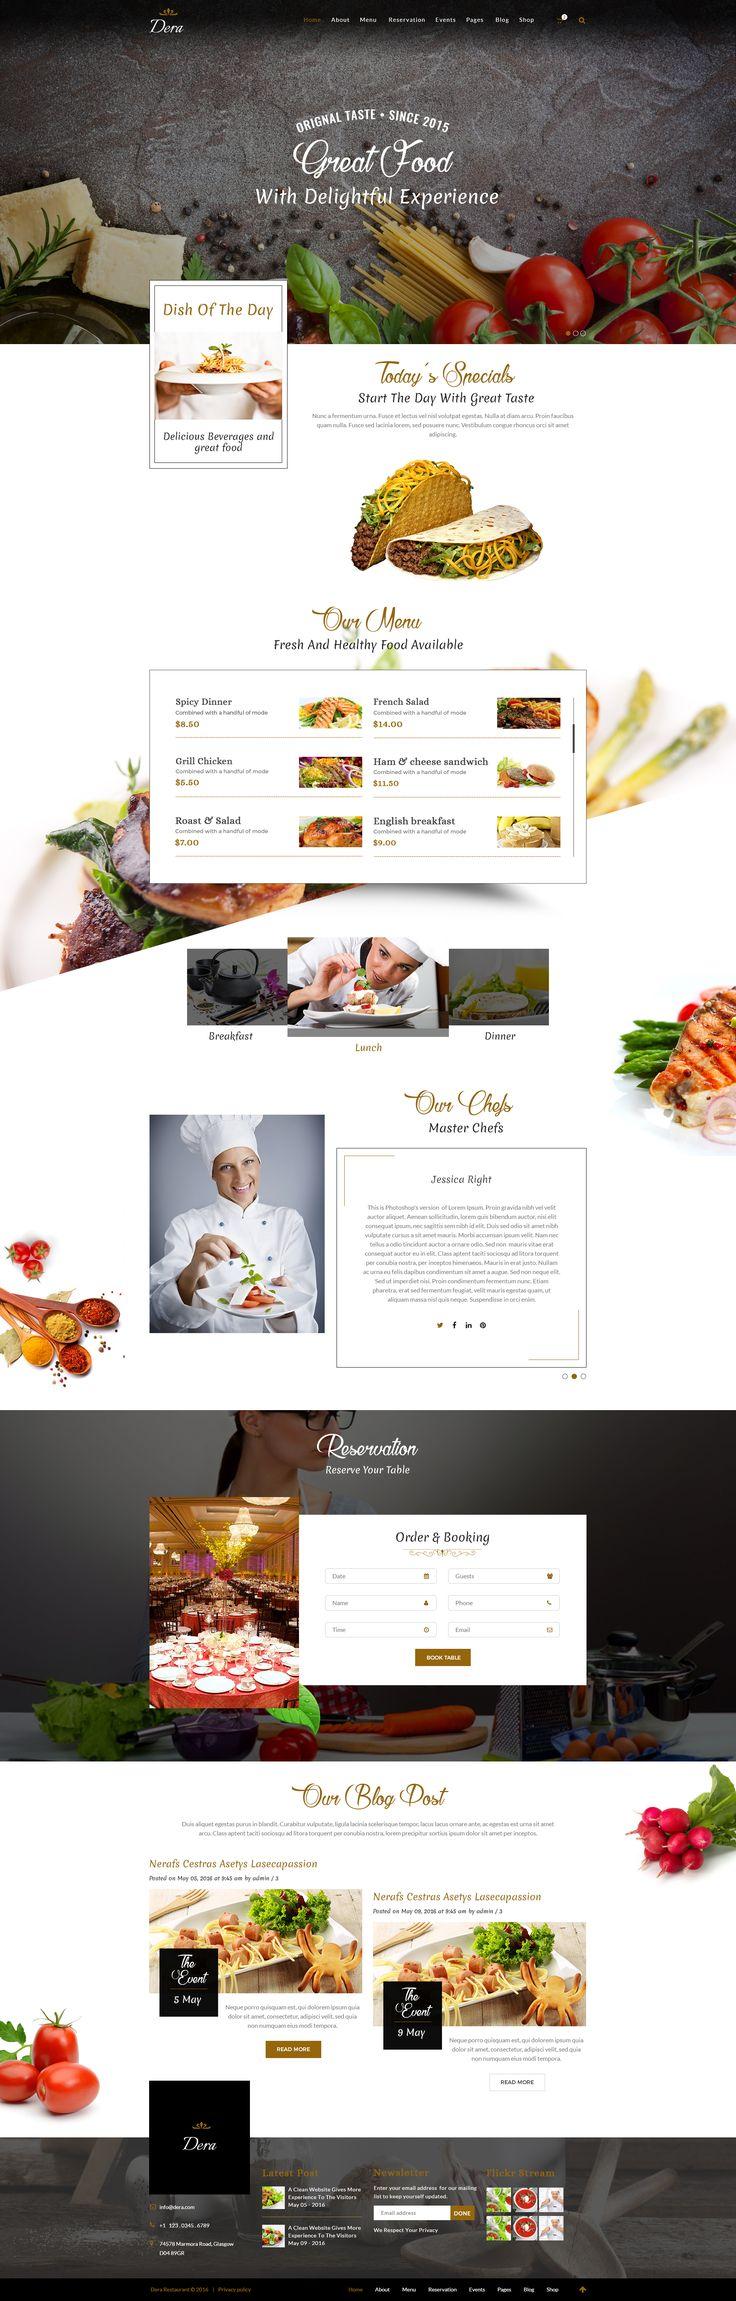 Dera Restaurant PSD Template #cafe #cake #coffee • Download ➝ https://themeforest.net/item/dera-restaurant-psd-template/15589371?ref=pxcr